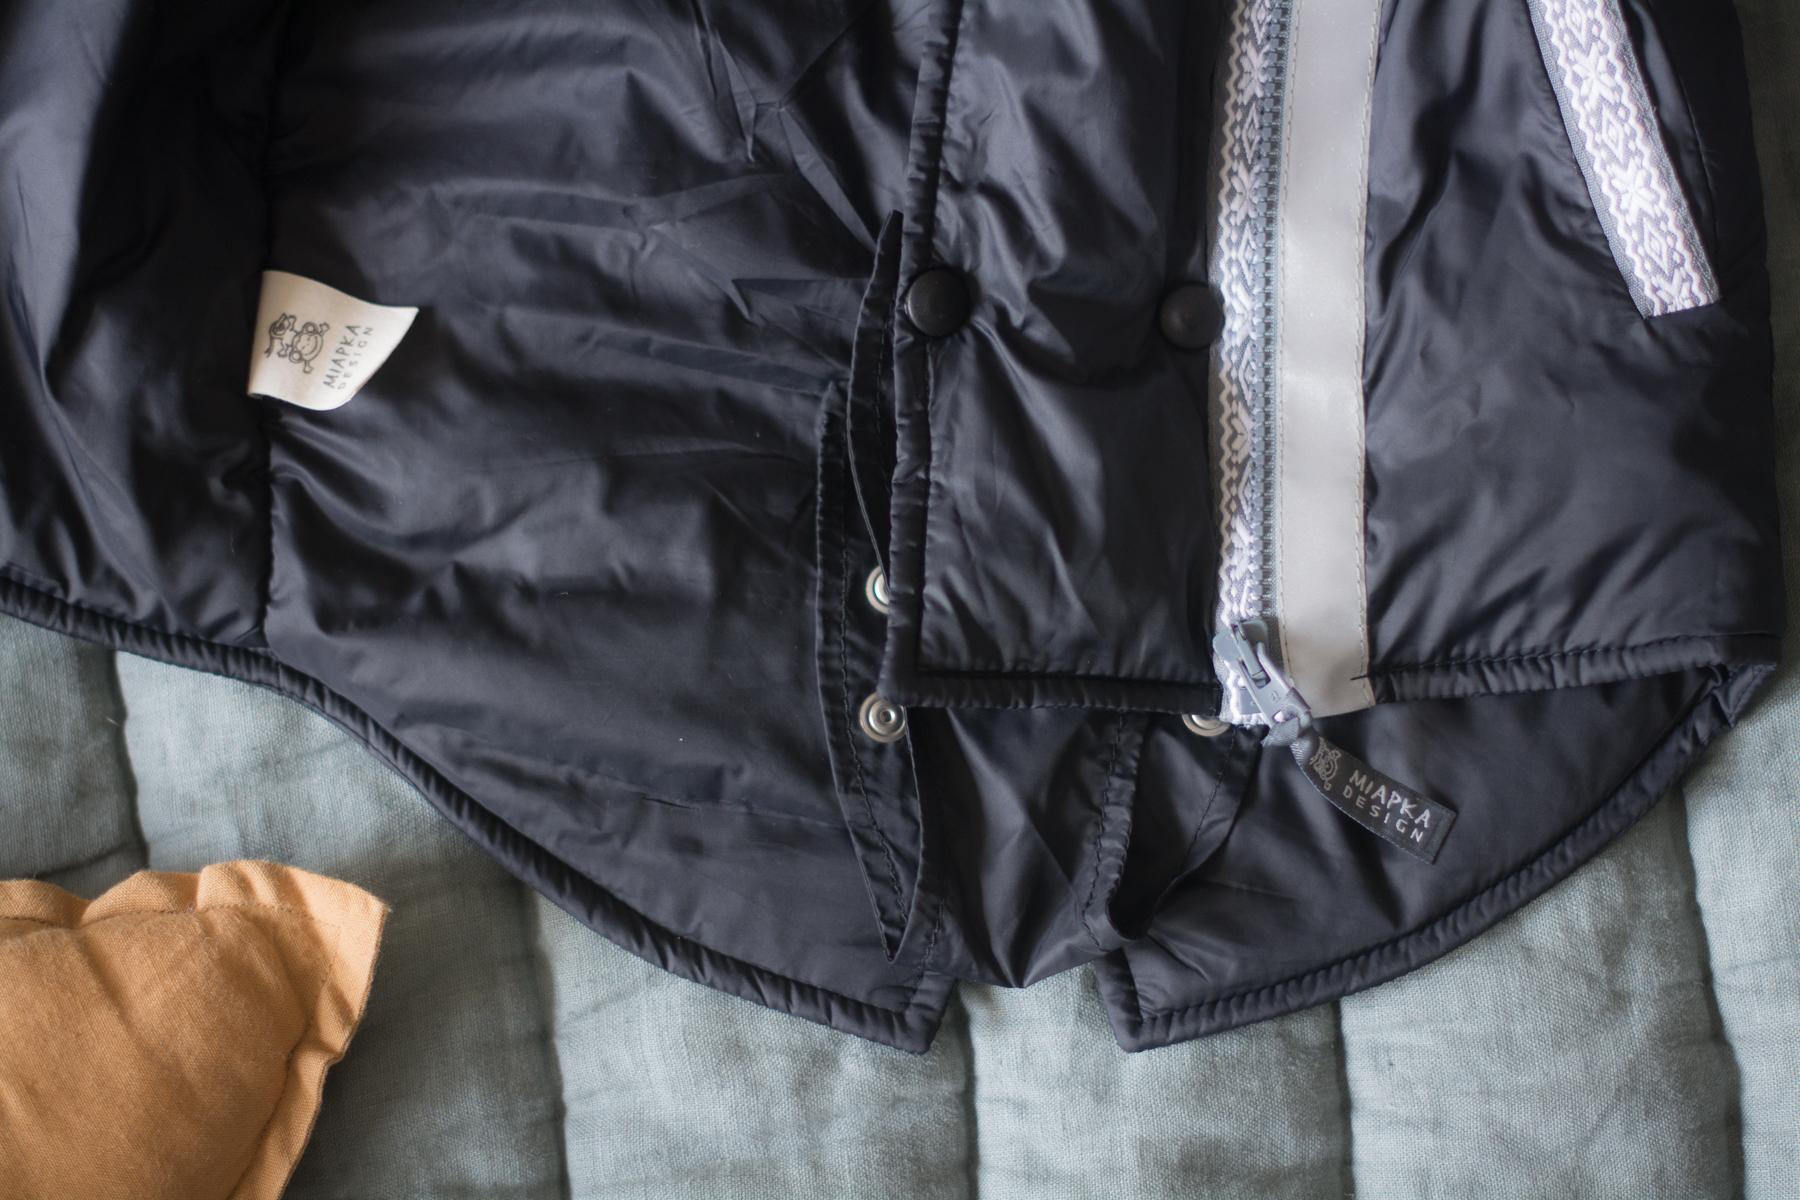 94f07617b3 Zimowa garderoba - przegląd naszej szafy (plus rabaty dla Was ...